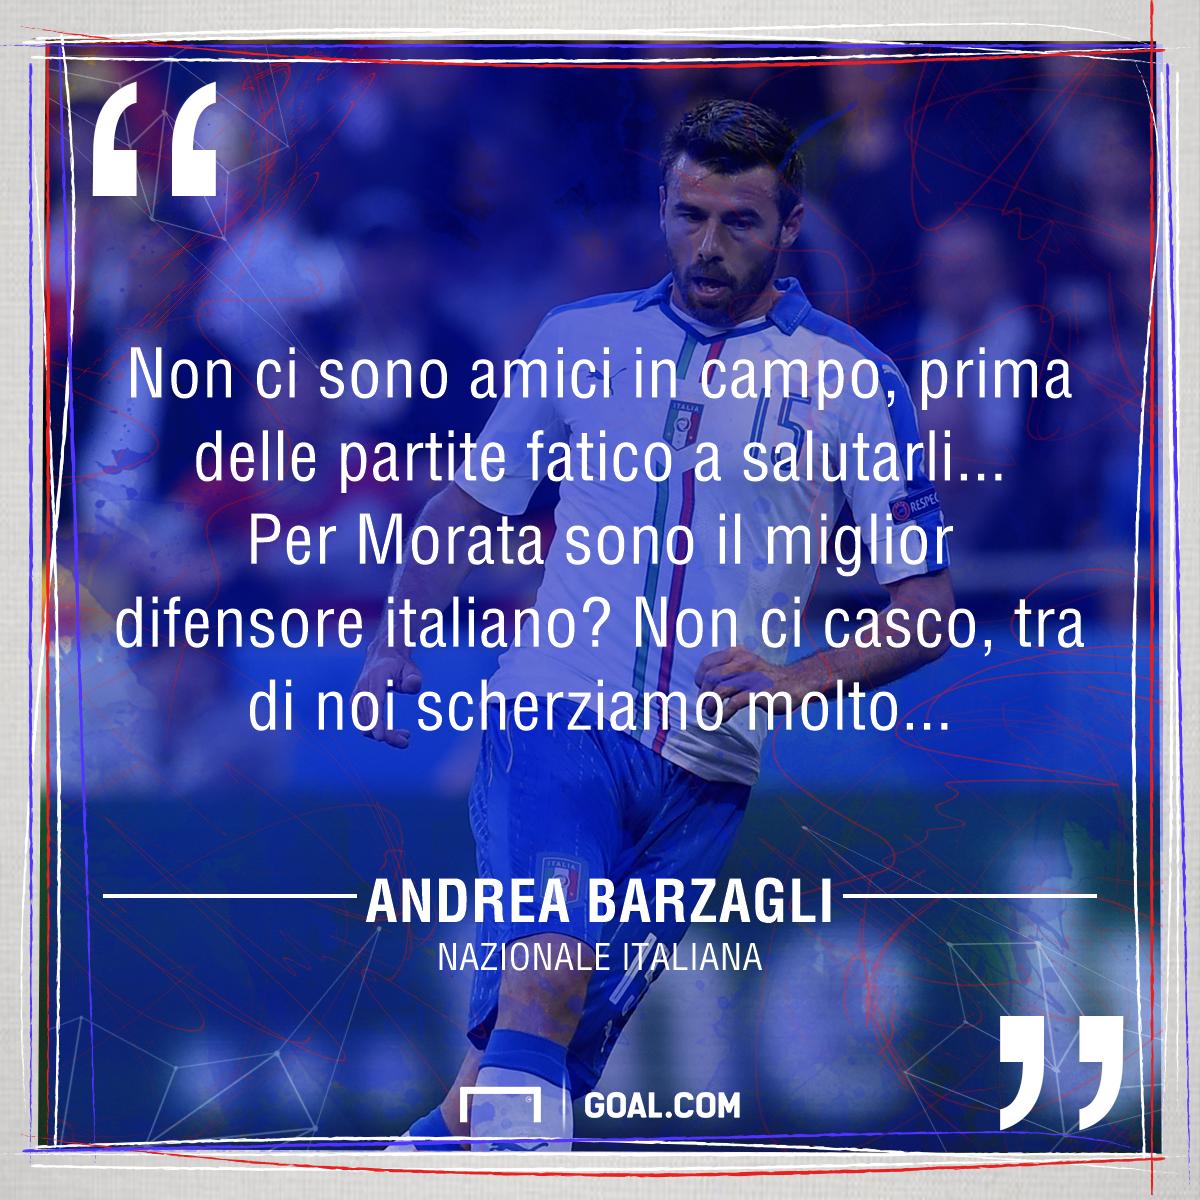 Barzagli sfida Morata: